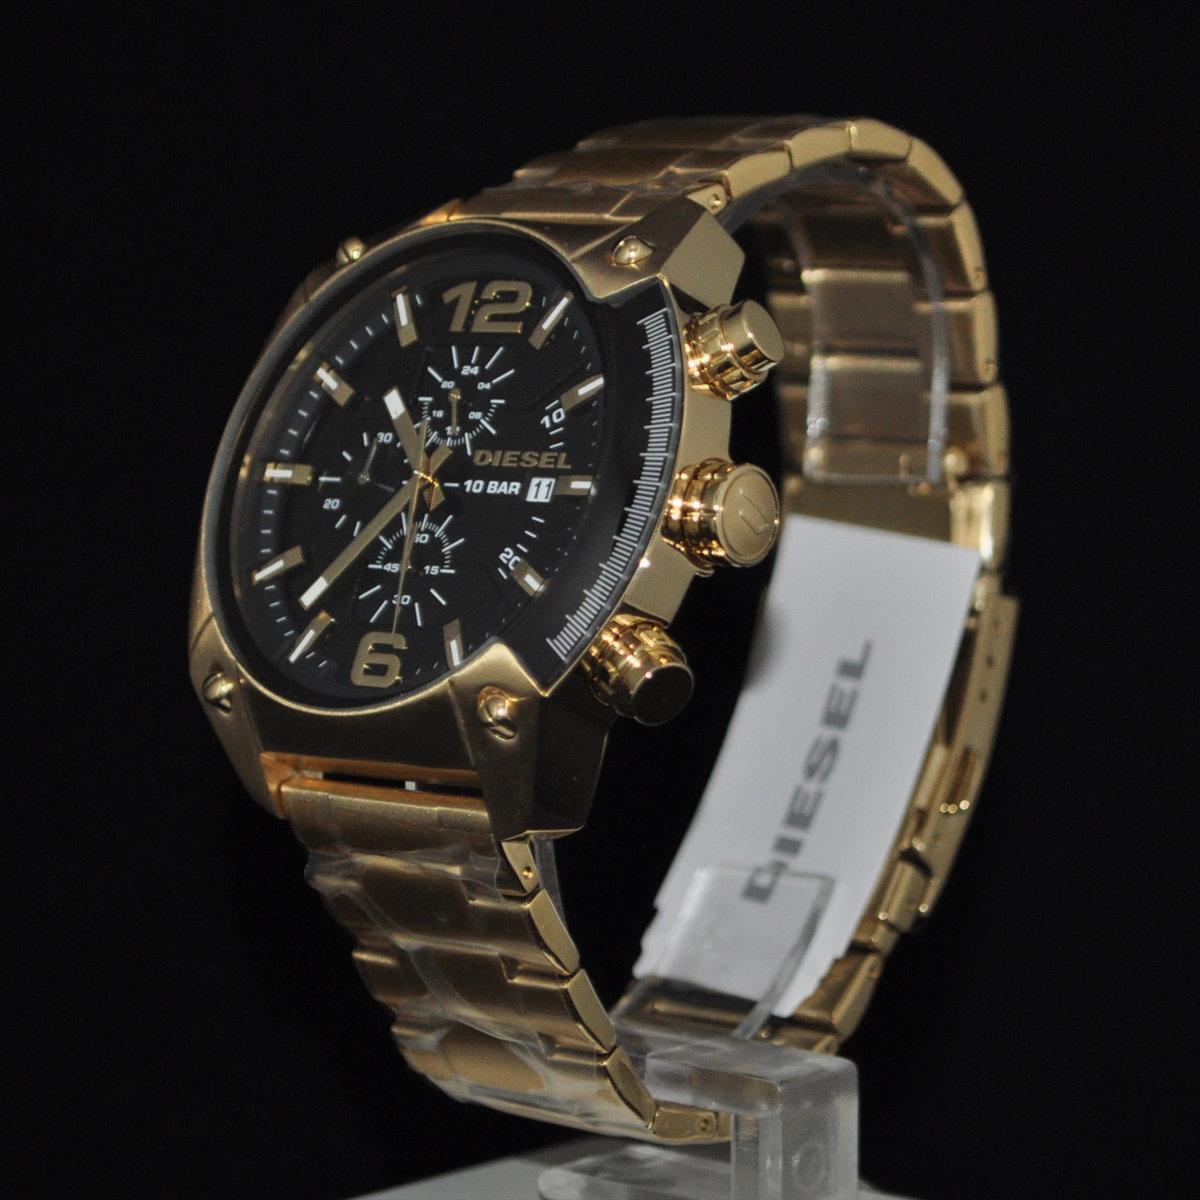 Мужские часы Diesel 10 bar. Купить наручные часы в Минске недорого ... 4eff5924d7b89